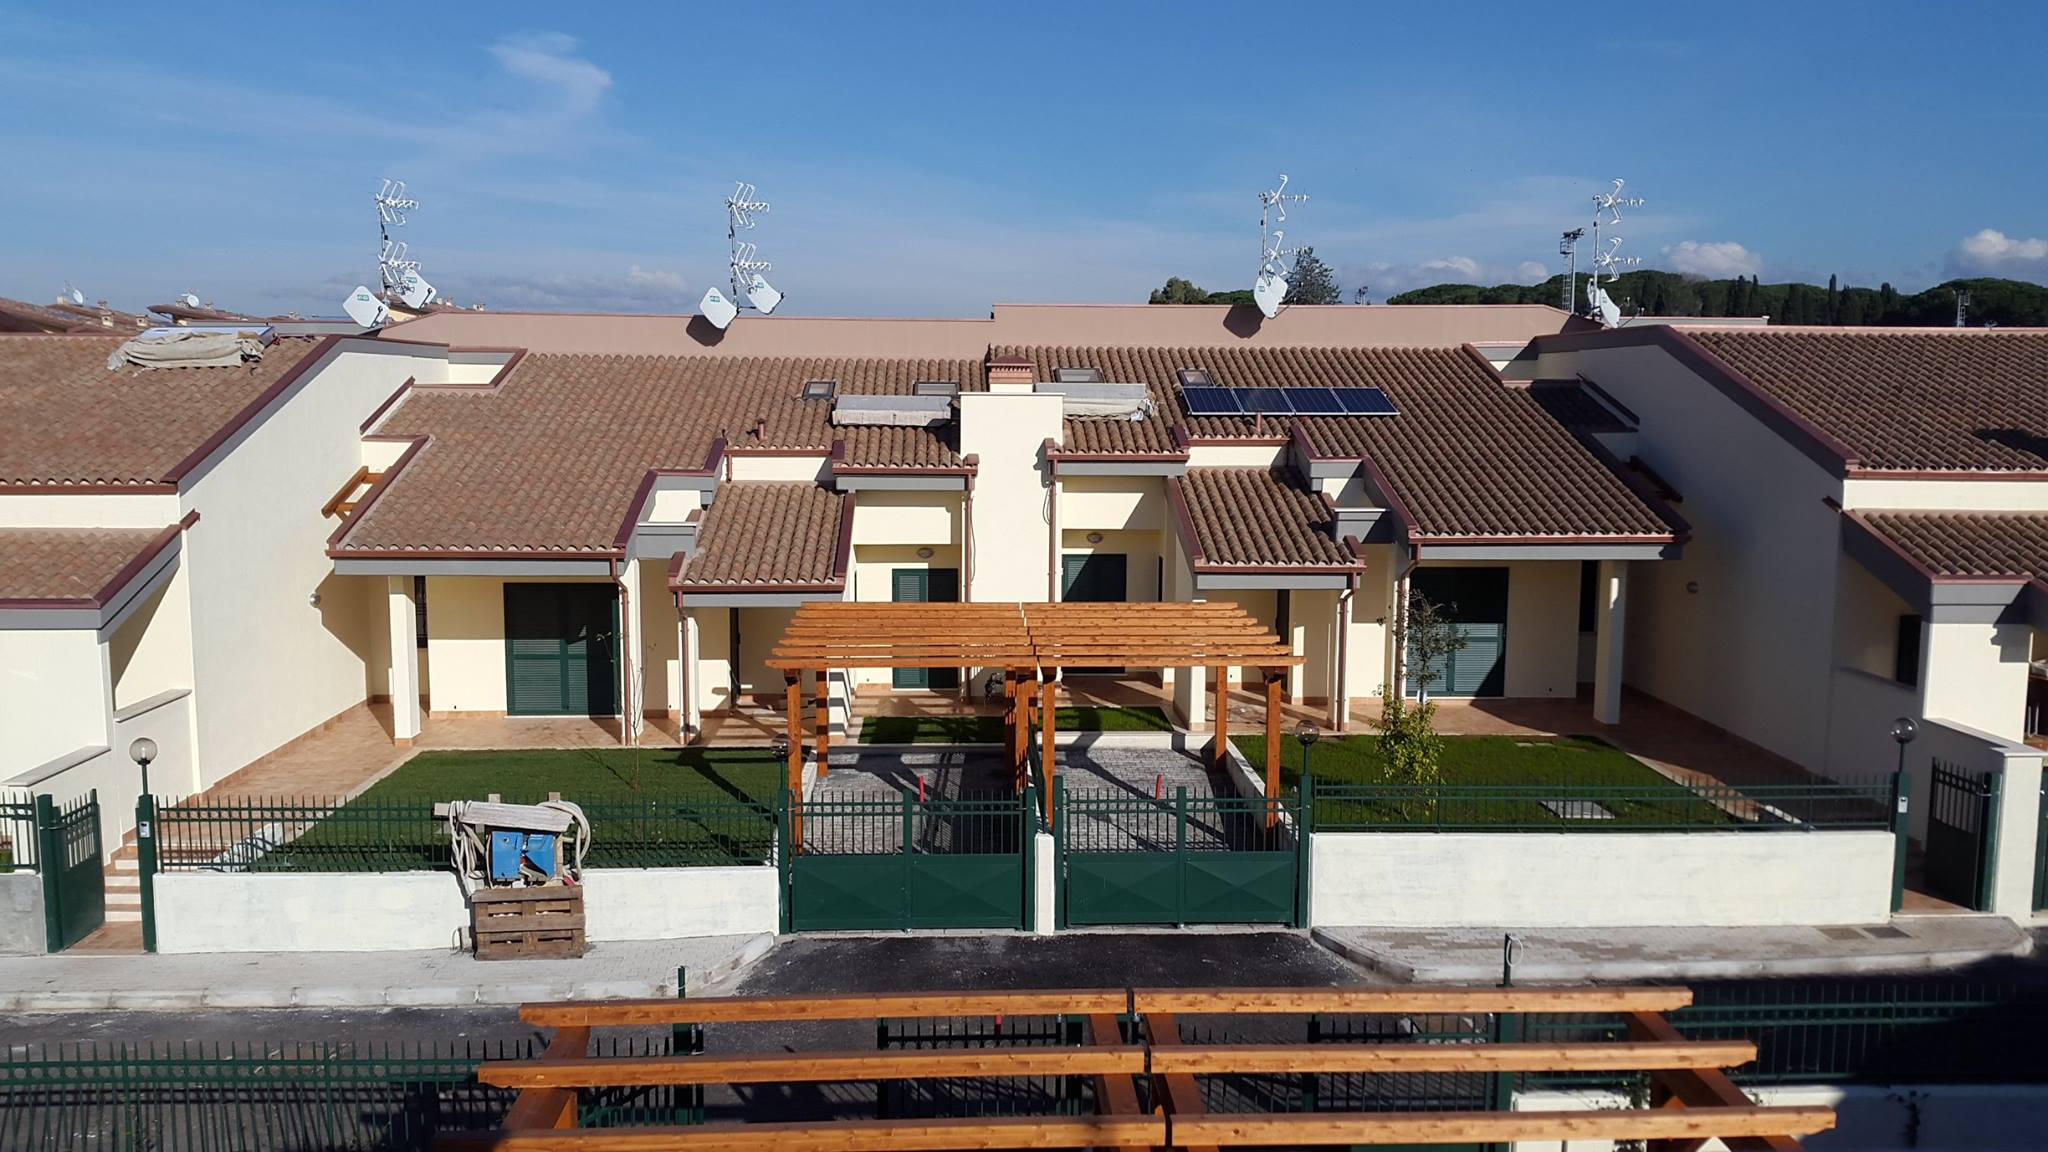 Frascati ville classe a carlini immobiliare for 3 camere da letto 2 bagni piani ranch